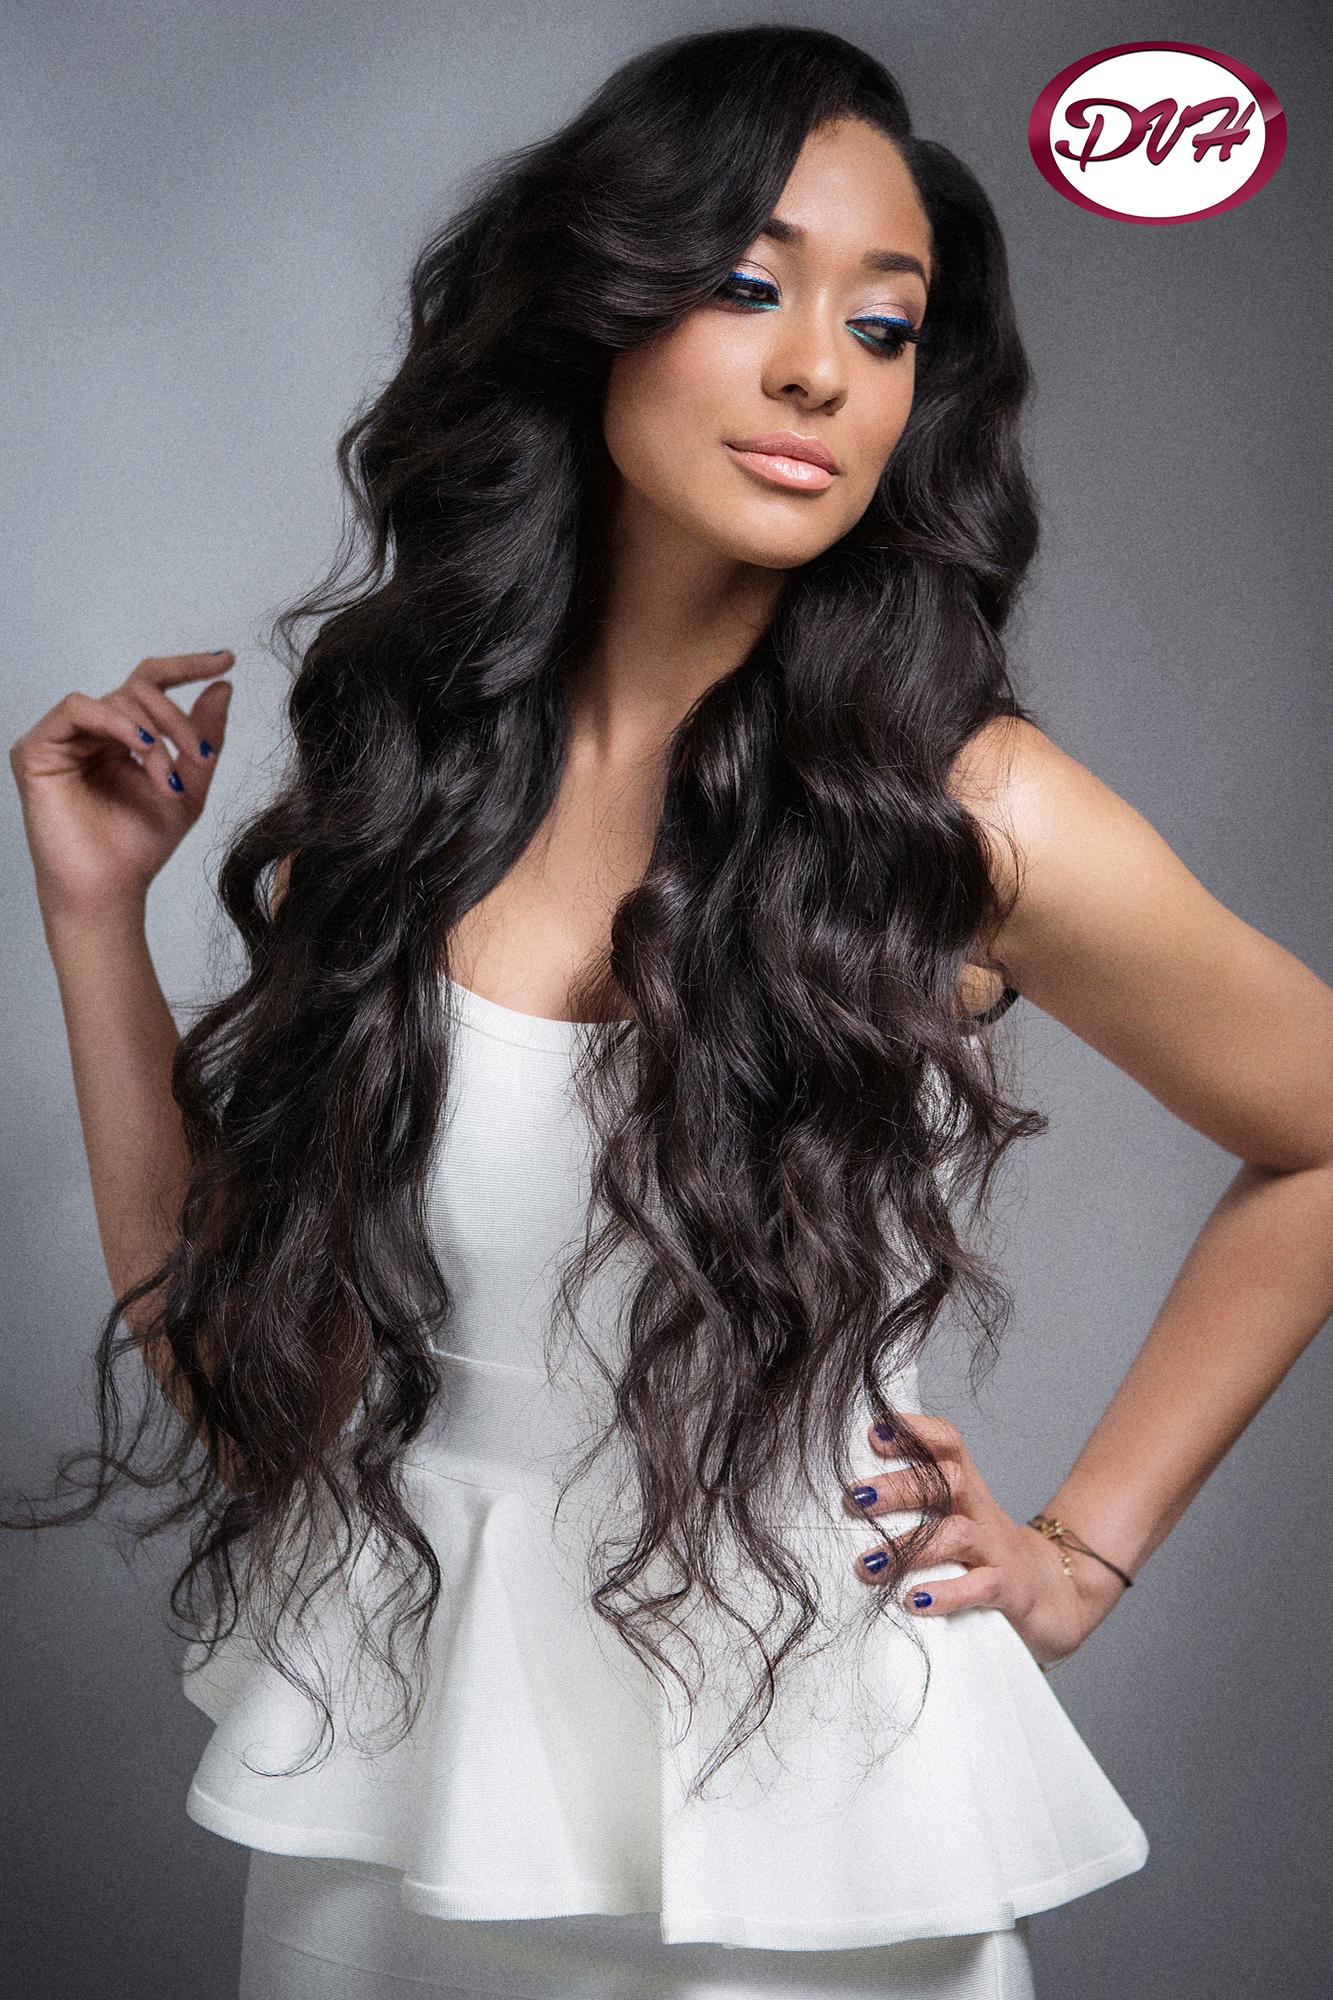 Tissage asian hair ondul dream virgin hair - Modele coupe tissage bresilien ...